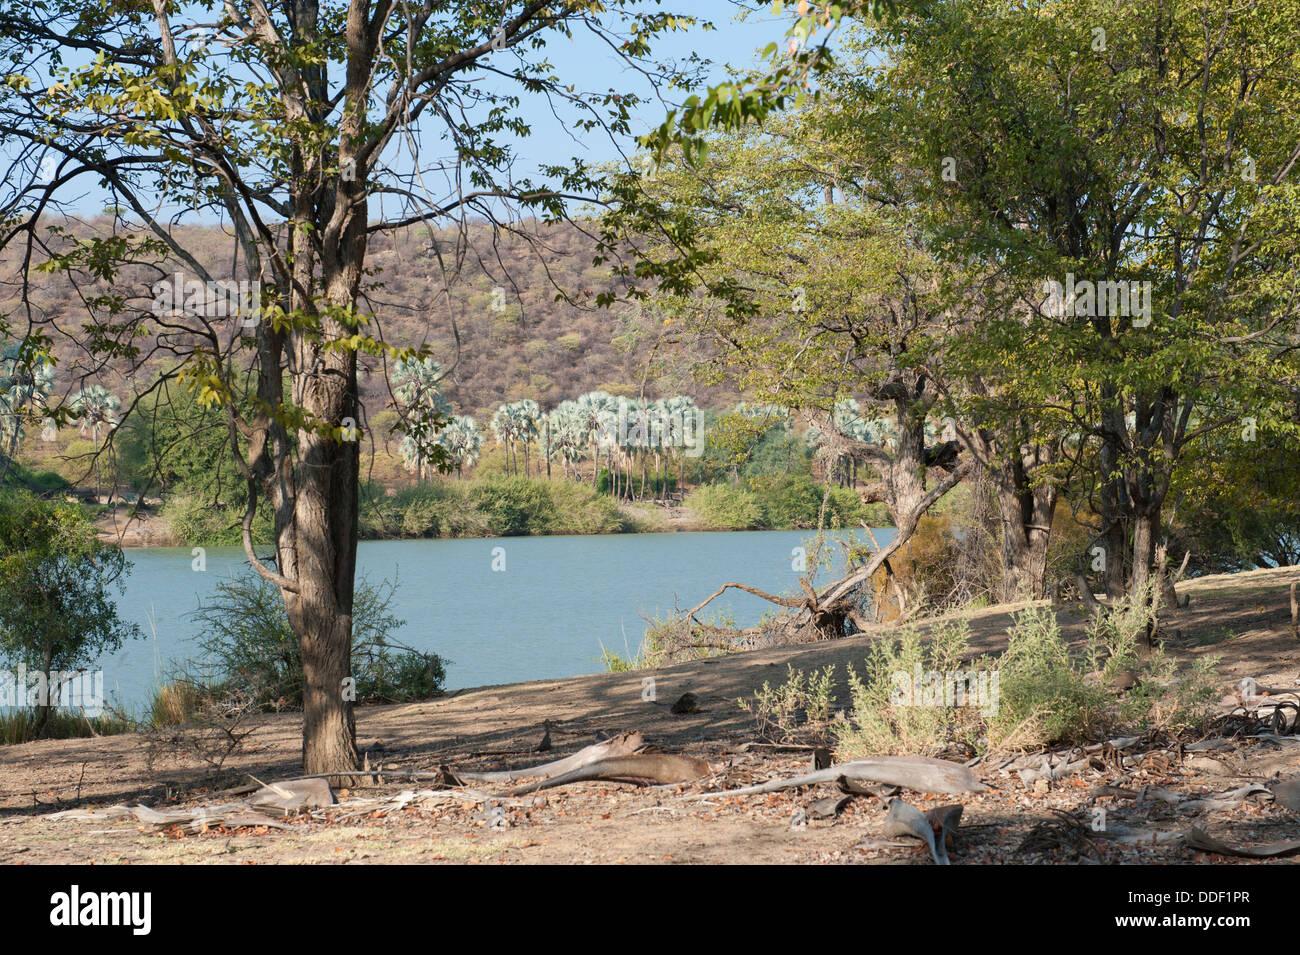 La rivière Kunene en Namibie est le fleuve frontière avec l'Angola Banque D'Images